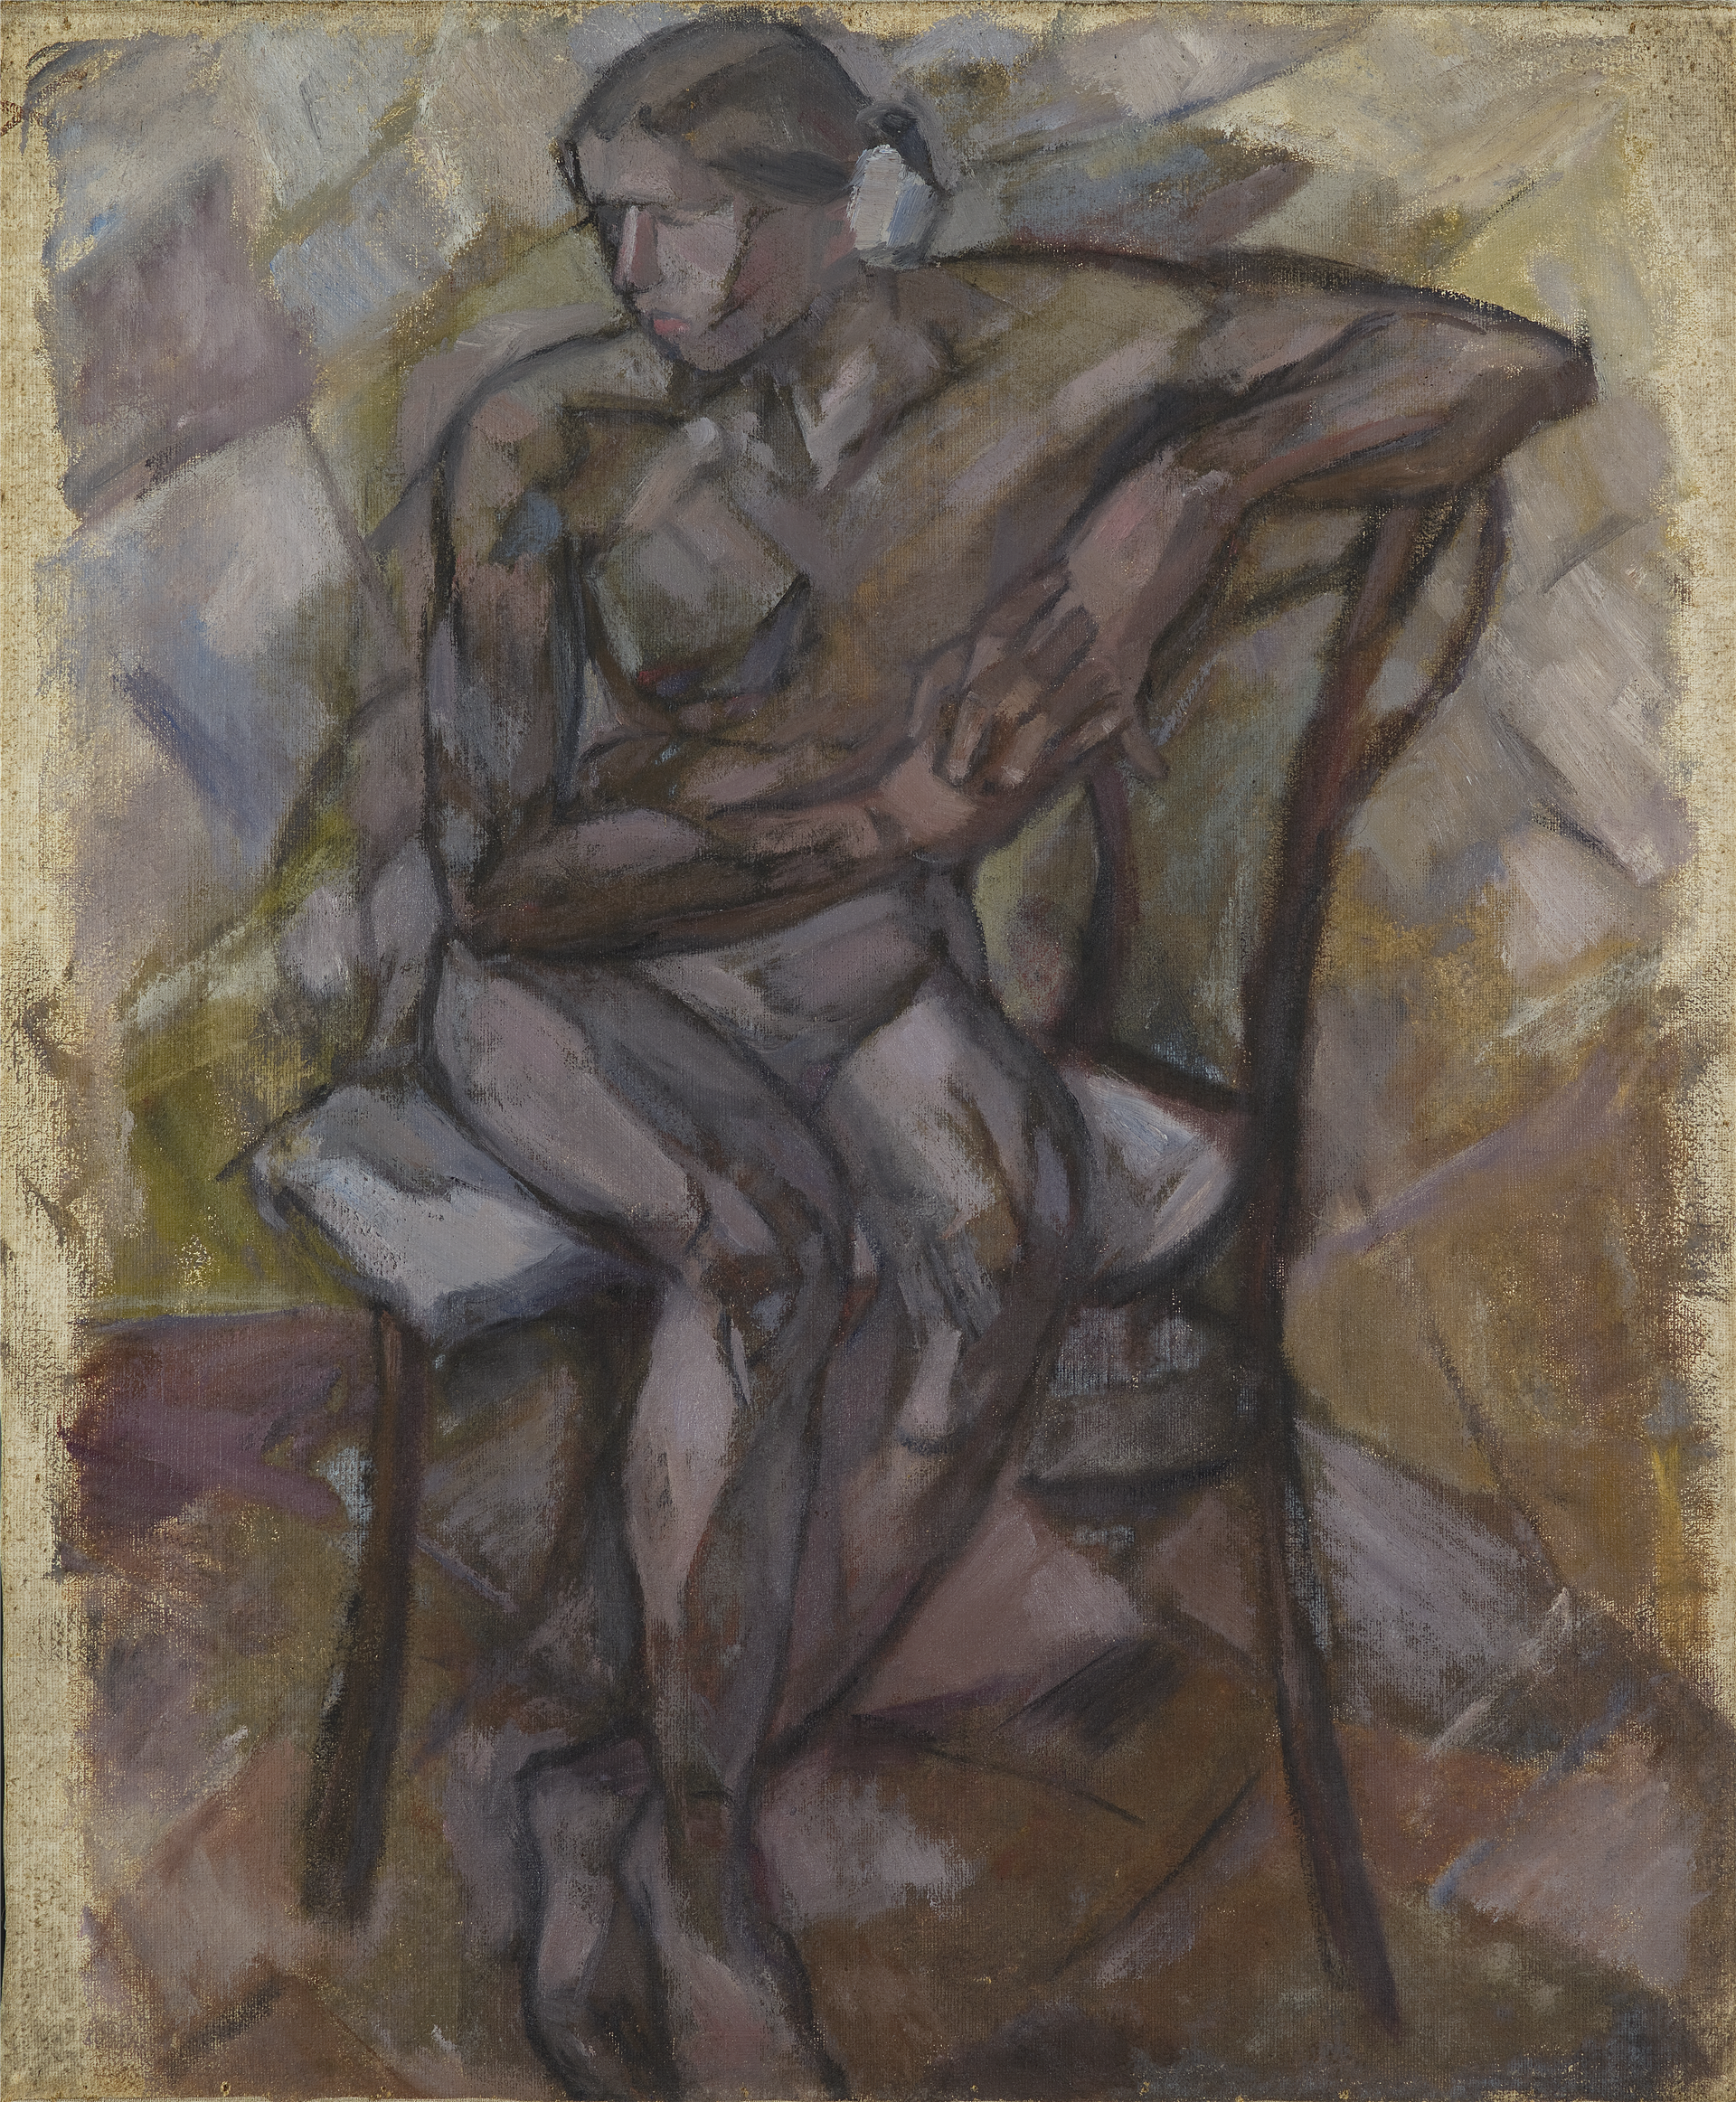 """Tadeusz Makowski (1882-1932) """"Akt siedzący"""", ok. 1913 roku, źródło: Muzeum Sztuki w Łodzi"""